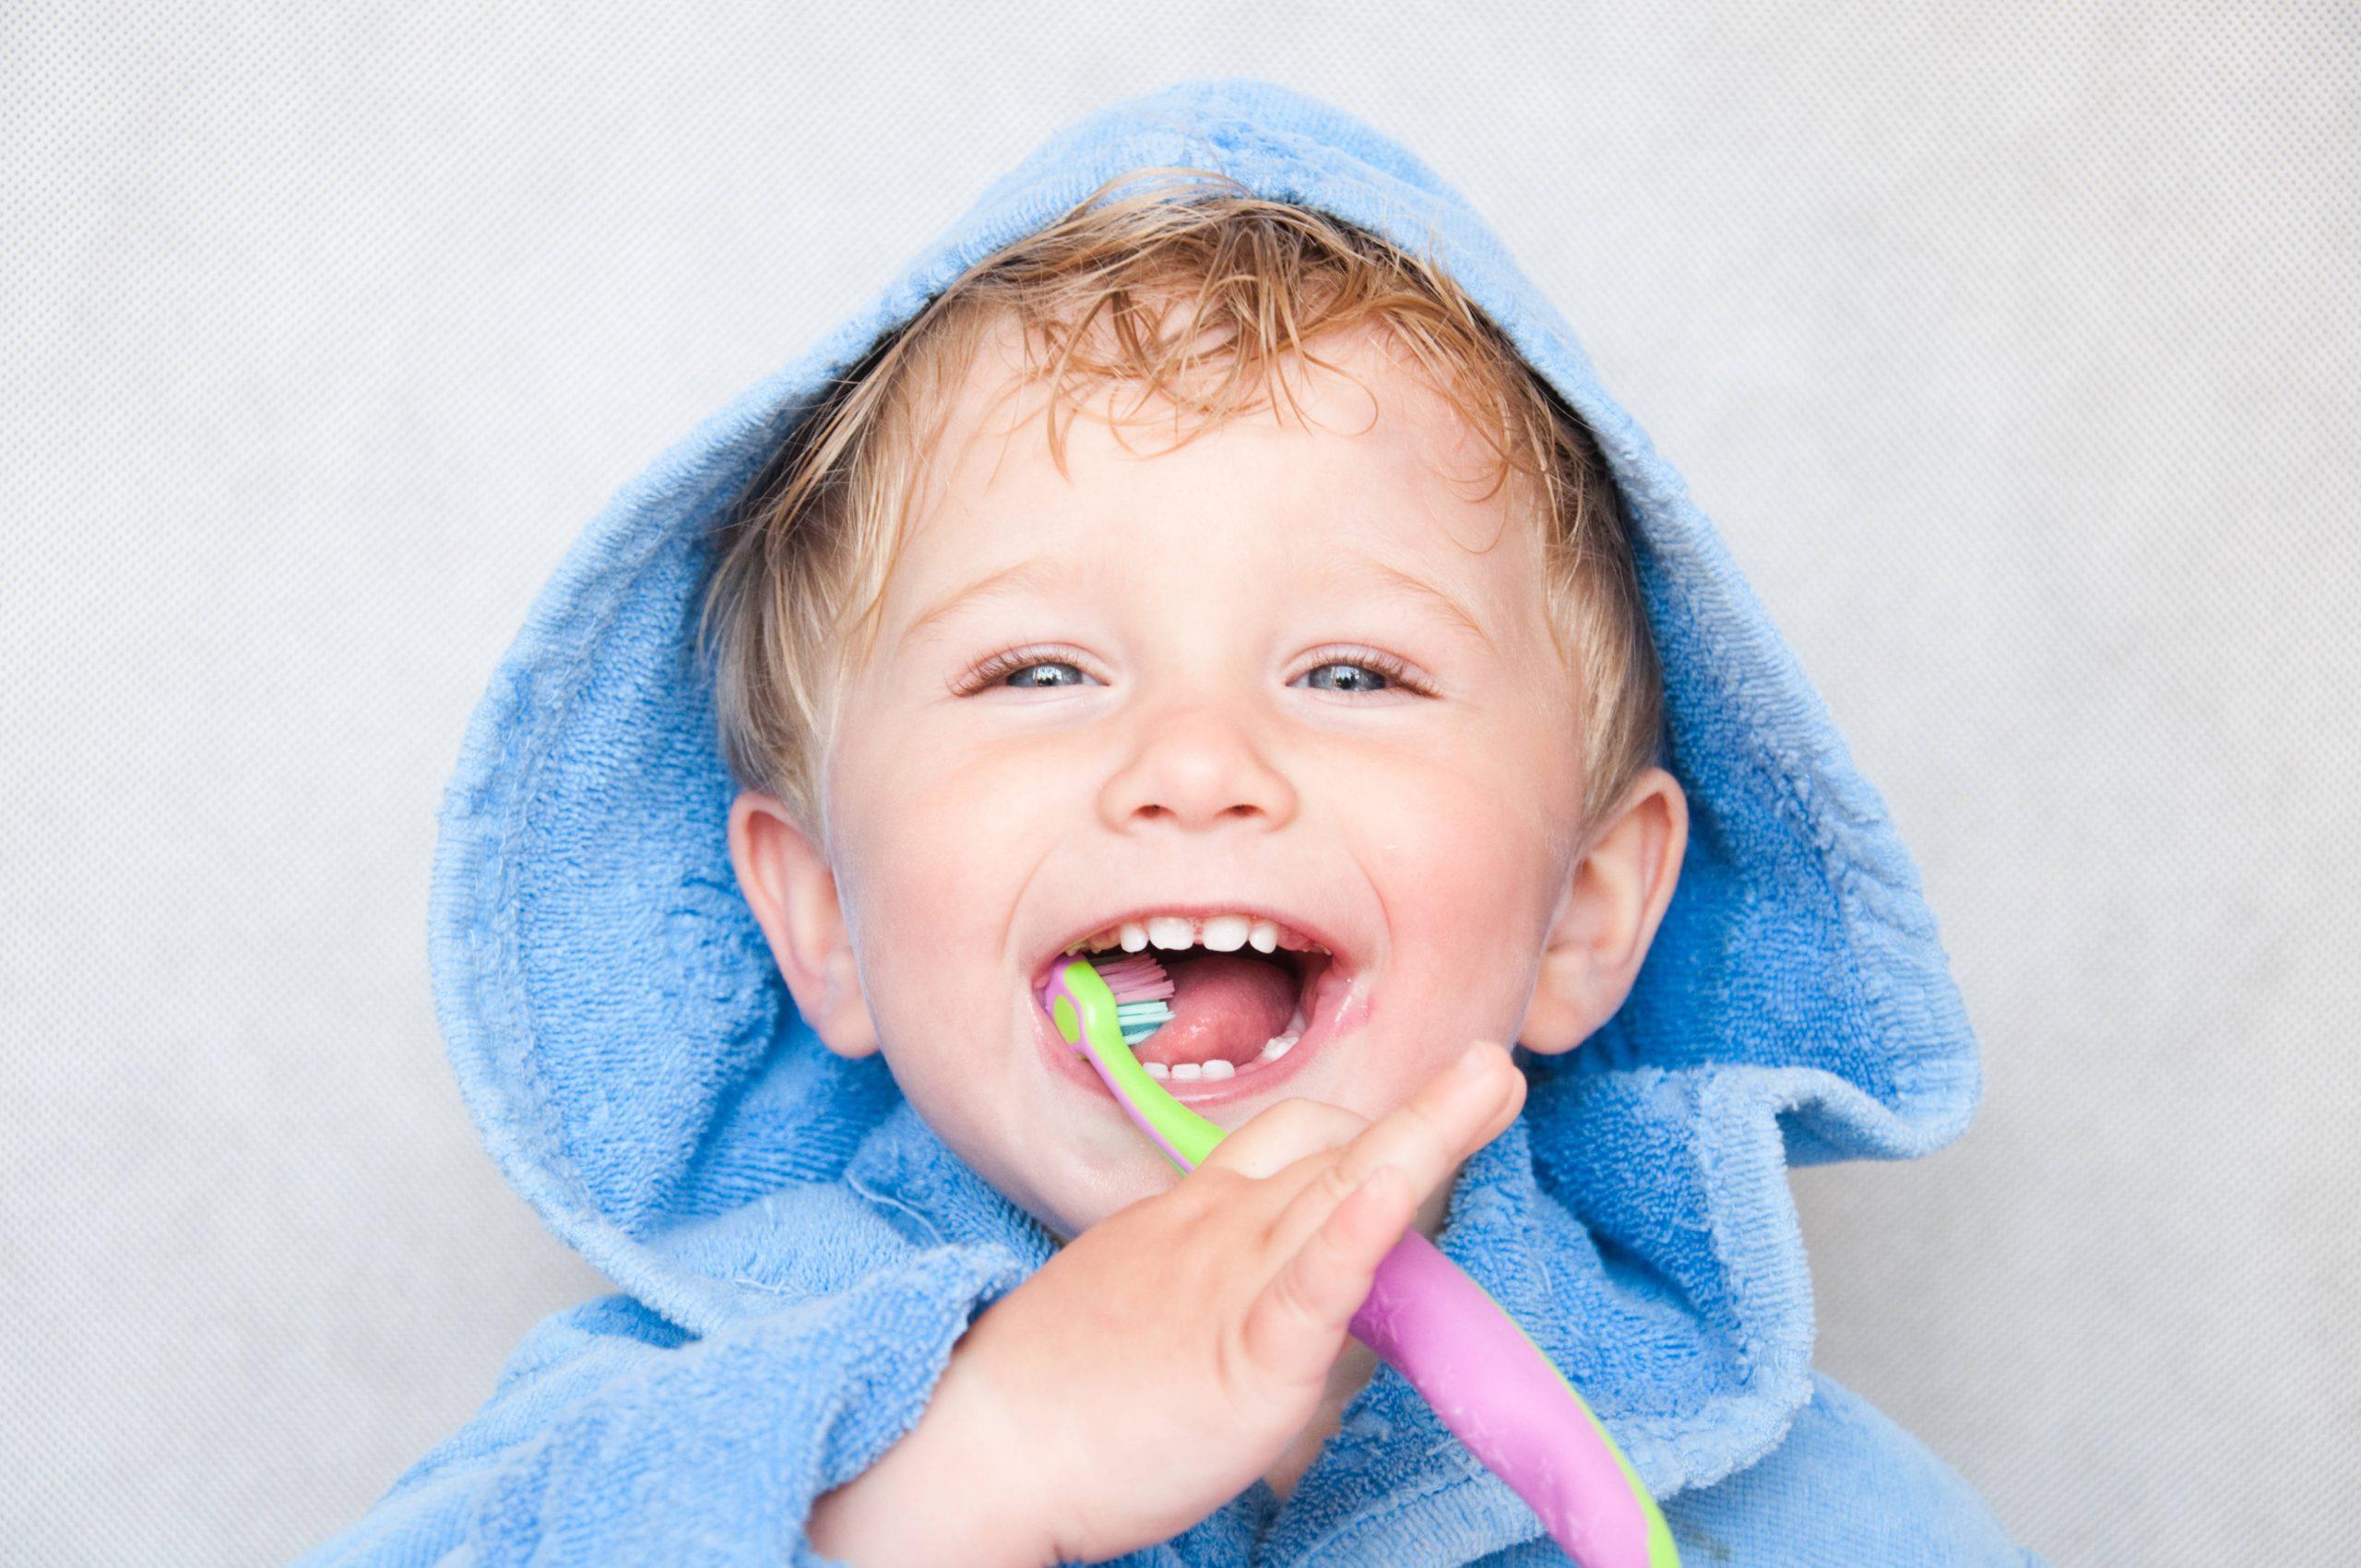 Mejorar la salud dental de nuestros pequeños es una obligación para la sociedad española